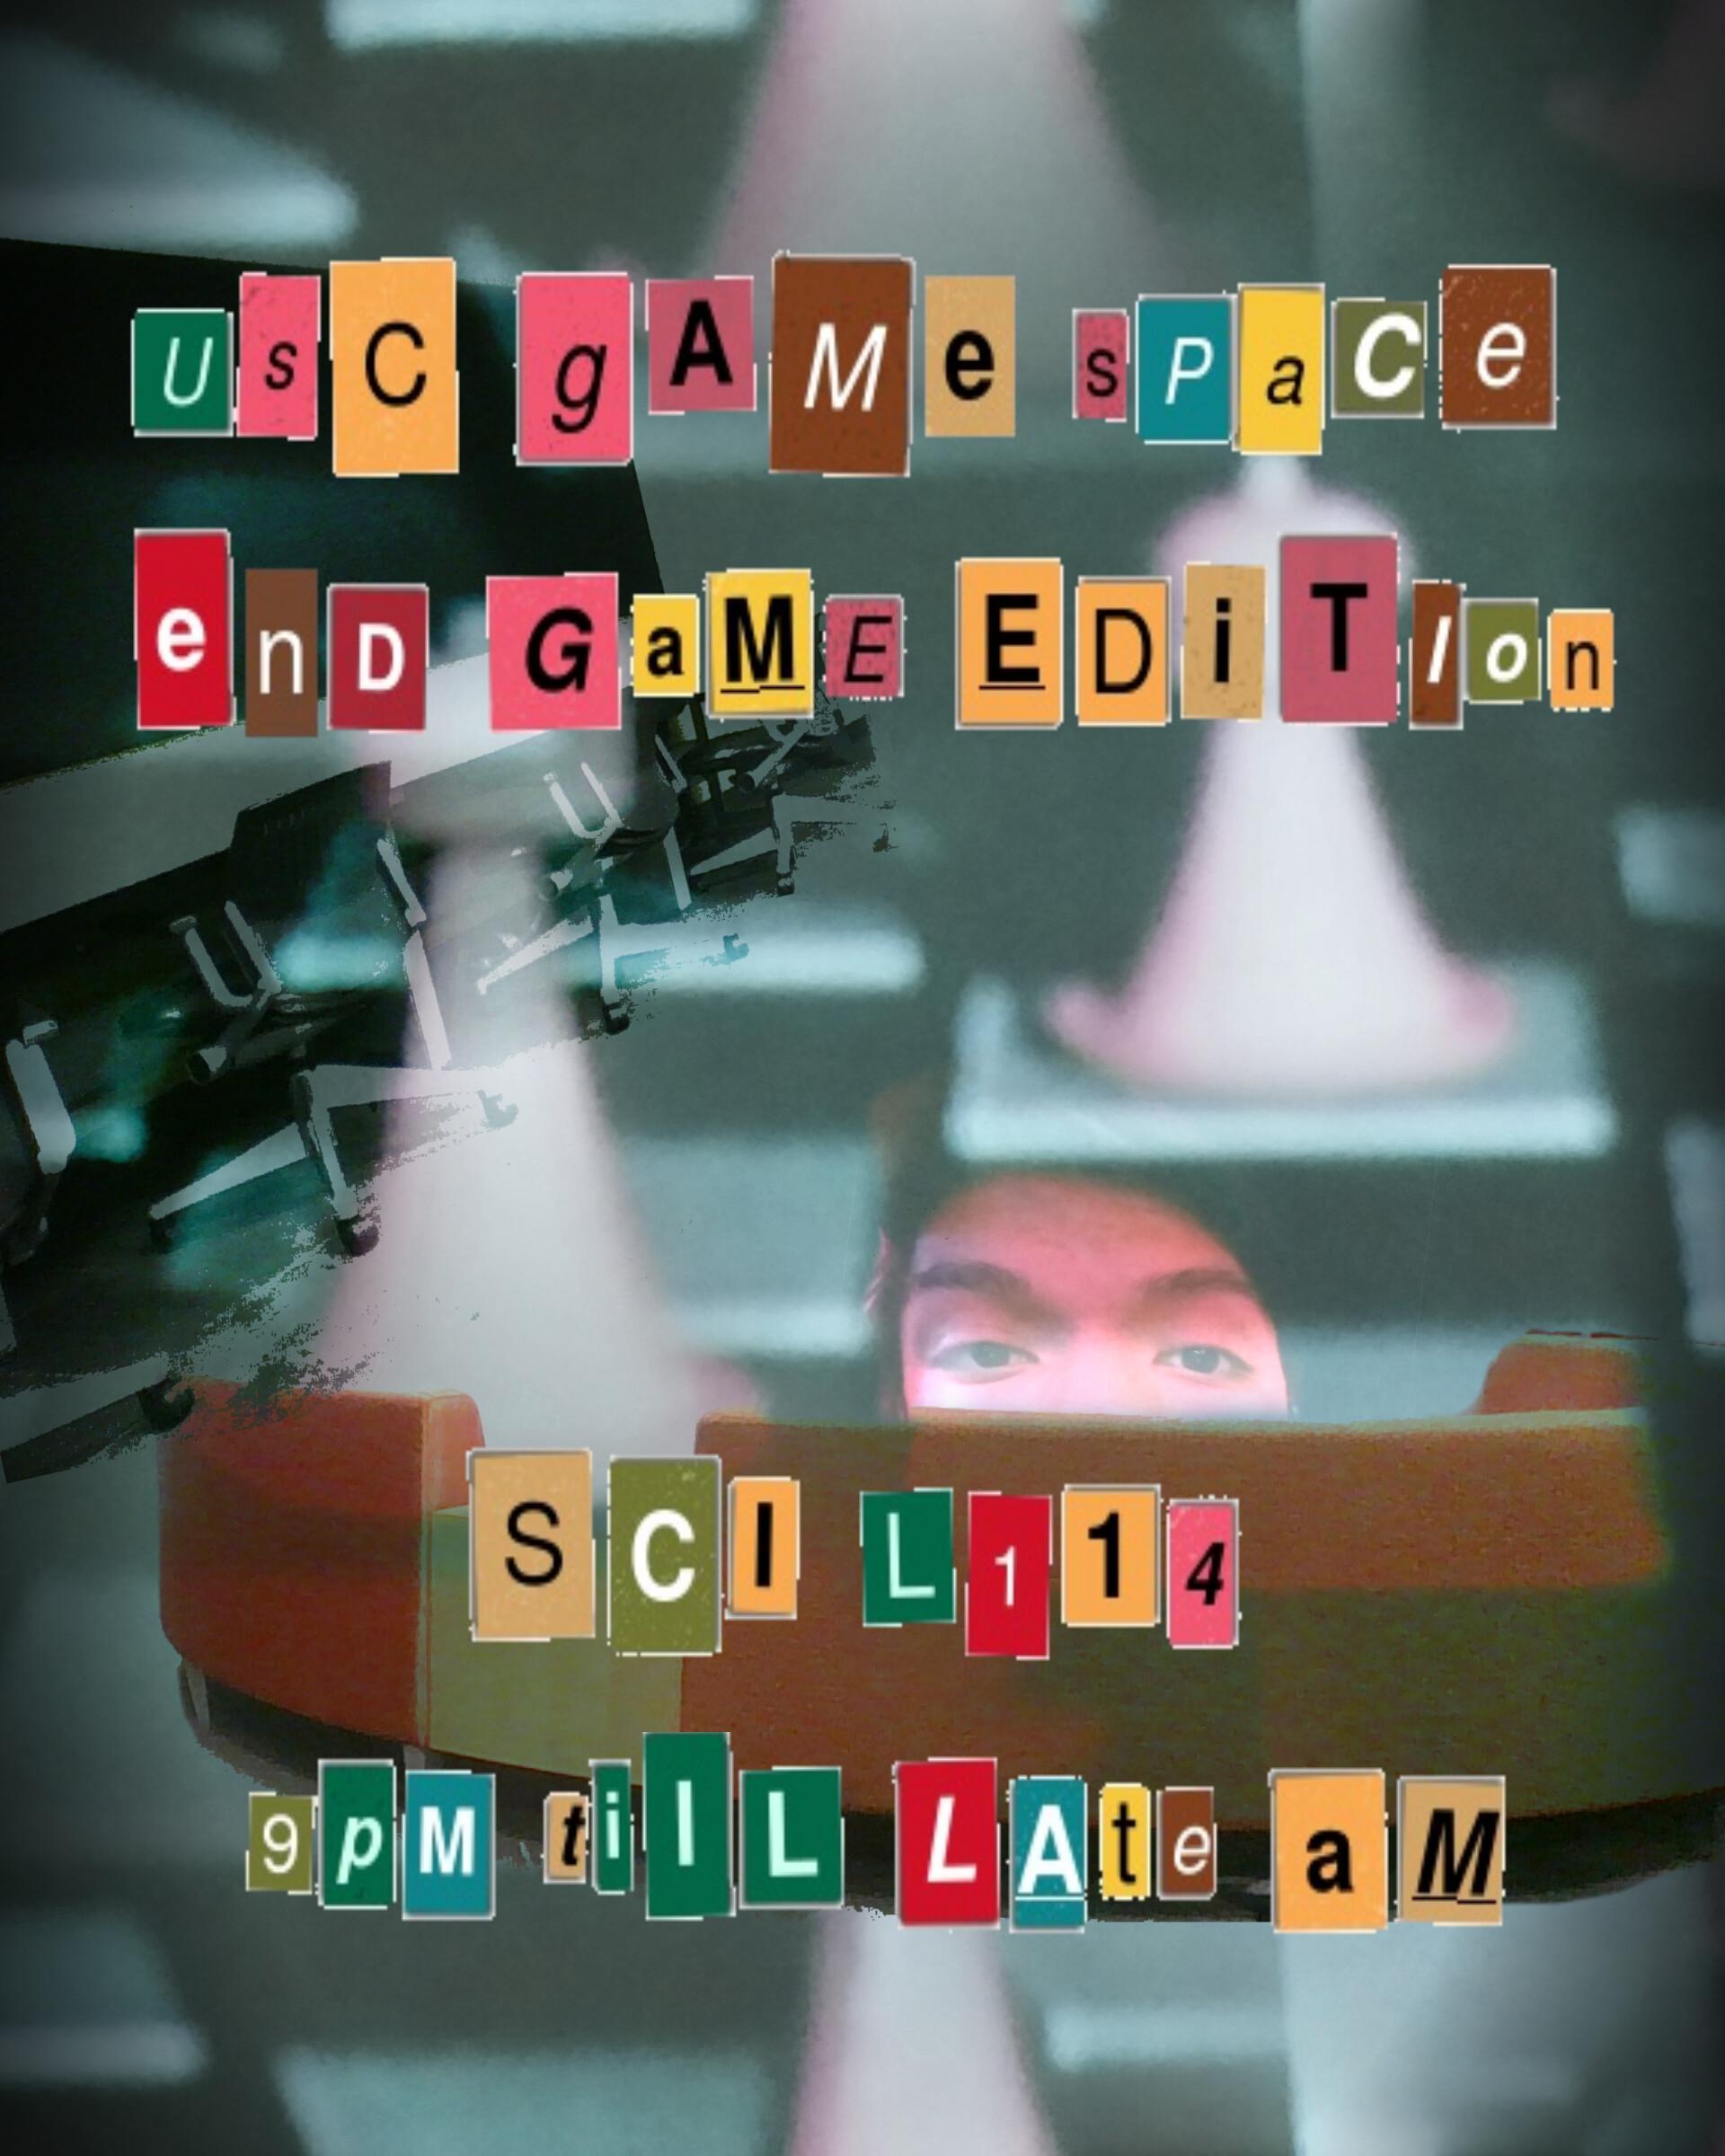 Steven harmon gamespaceposter22